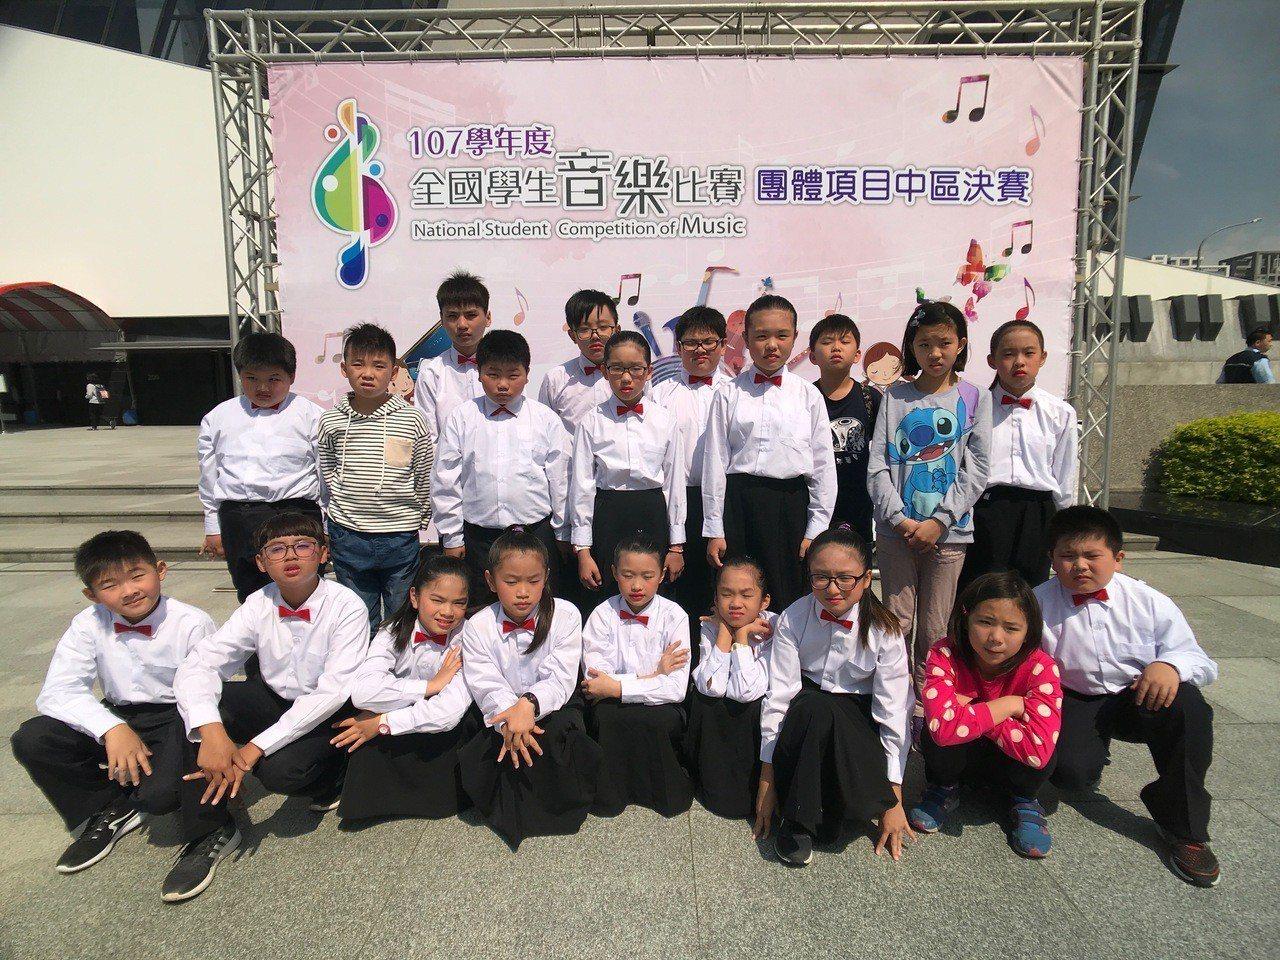 台西新興國小學生用破舊的樂器,勤練有成,拿下縣國樂賽冠軍,並在全國賽獲優等獎,殊...